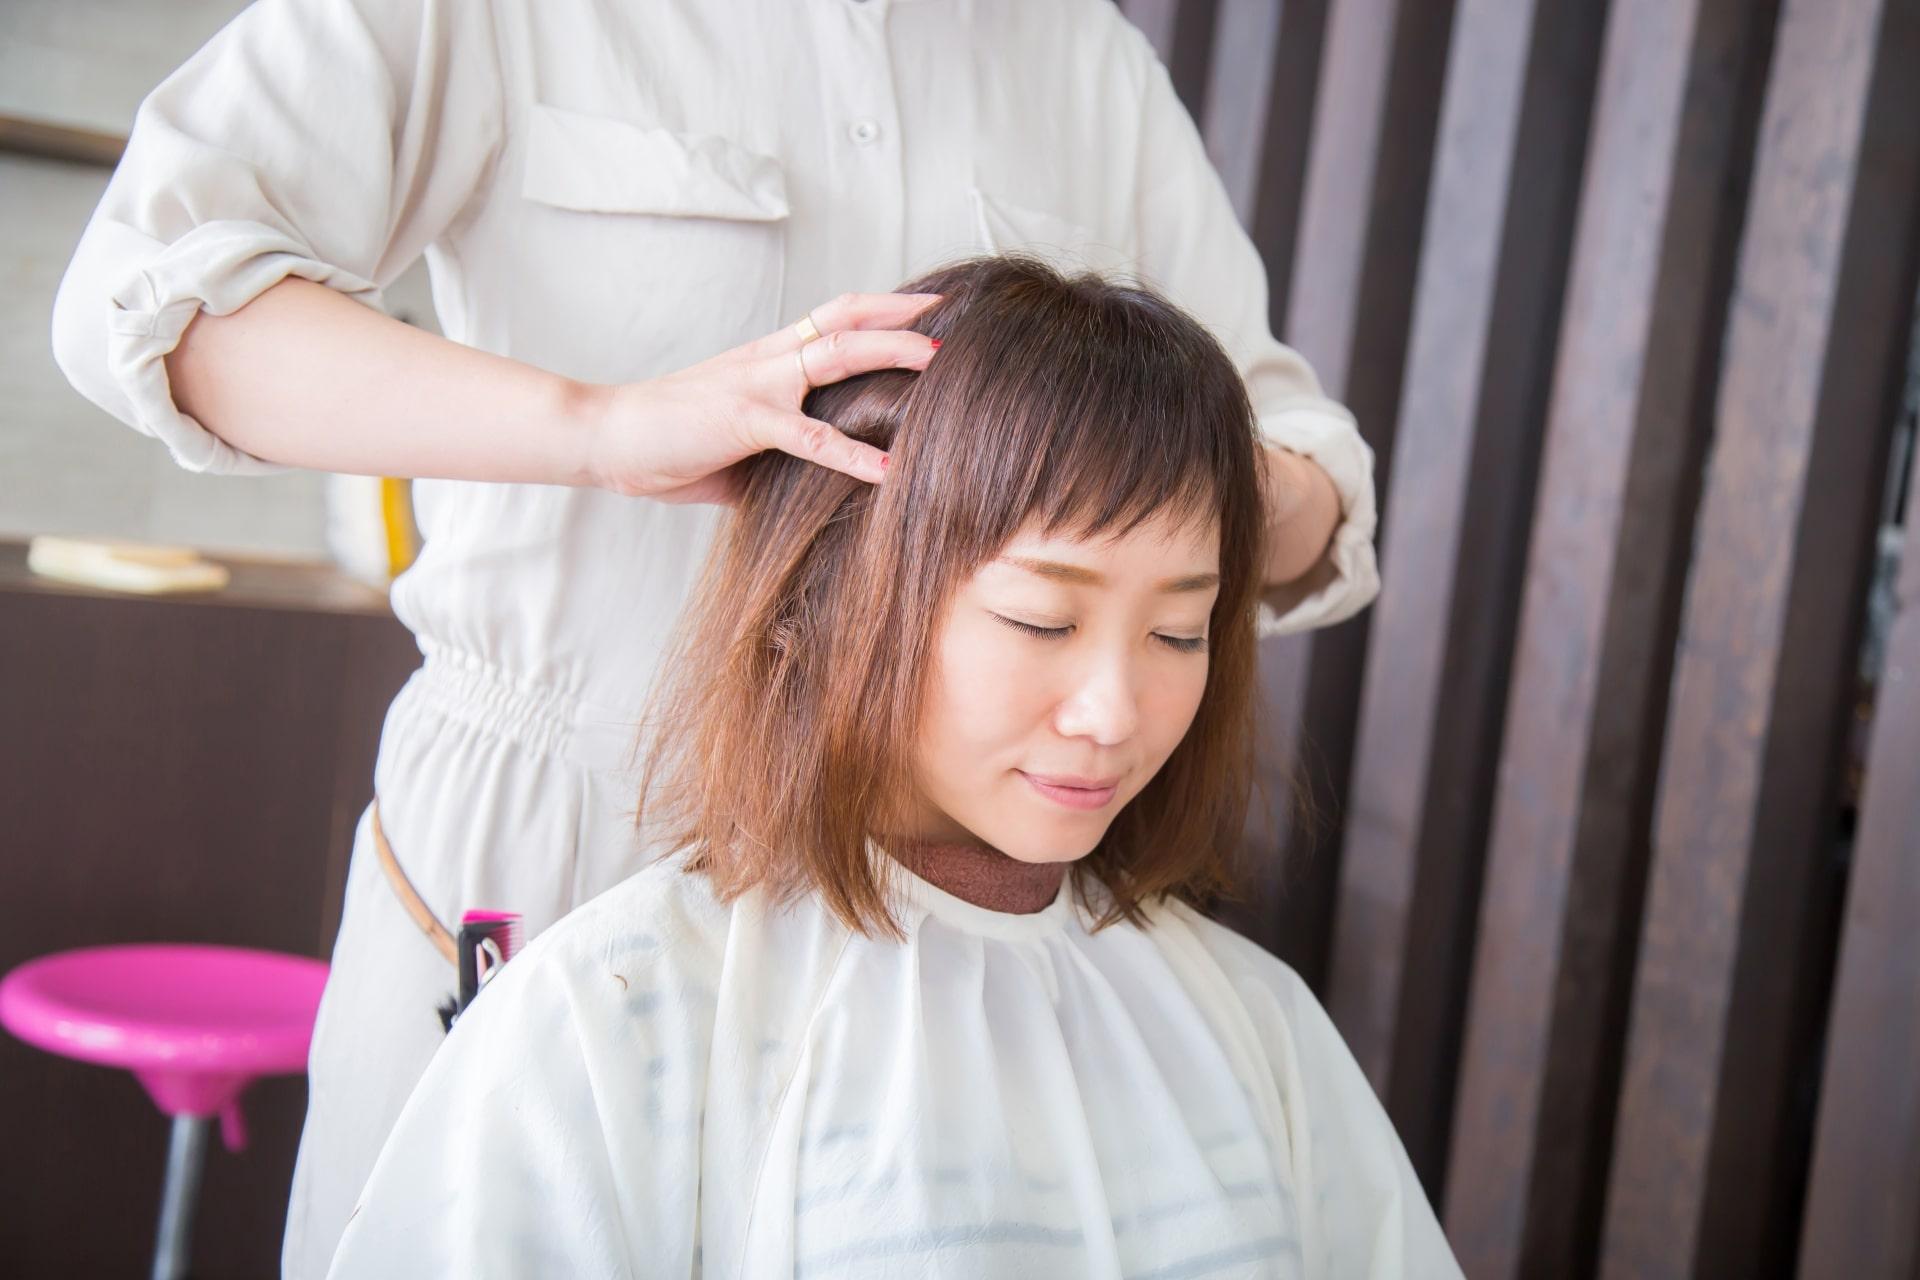 理美容サロンができる円形脱毛症ケアプログラム